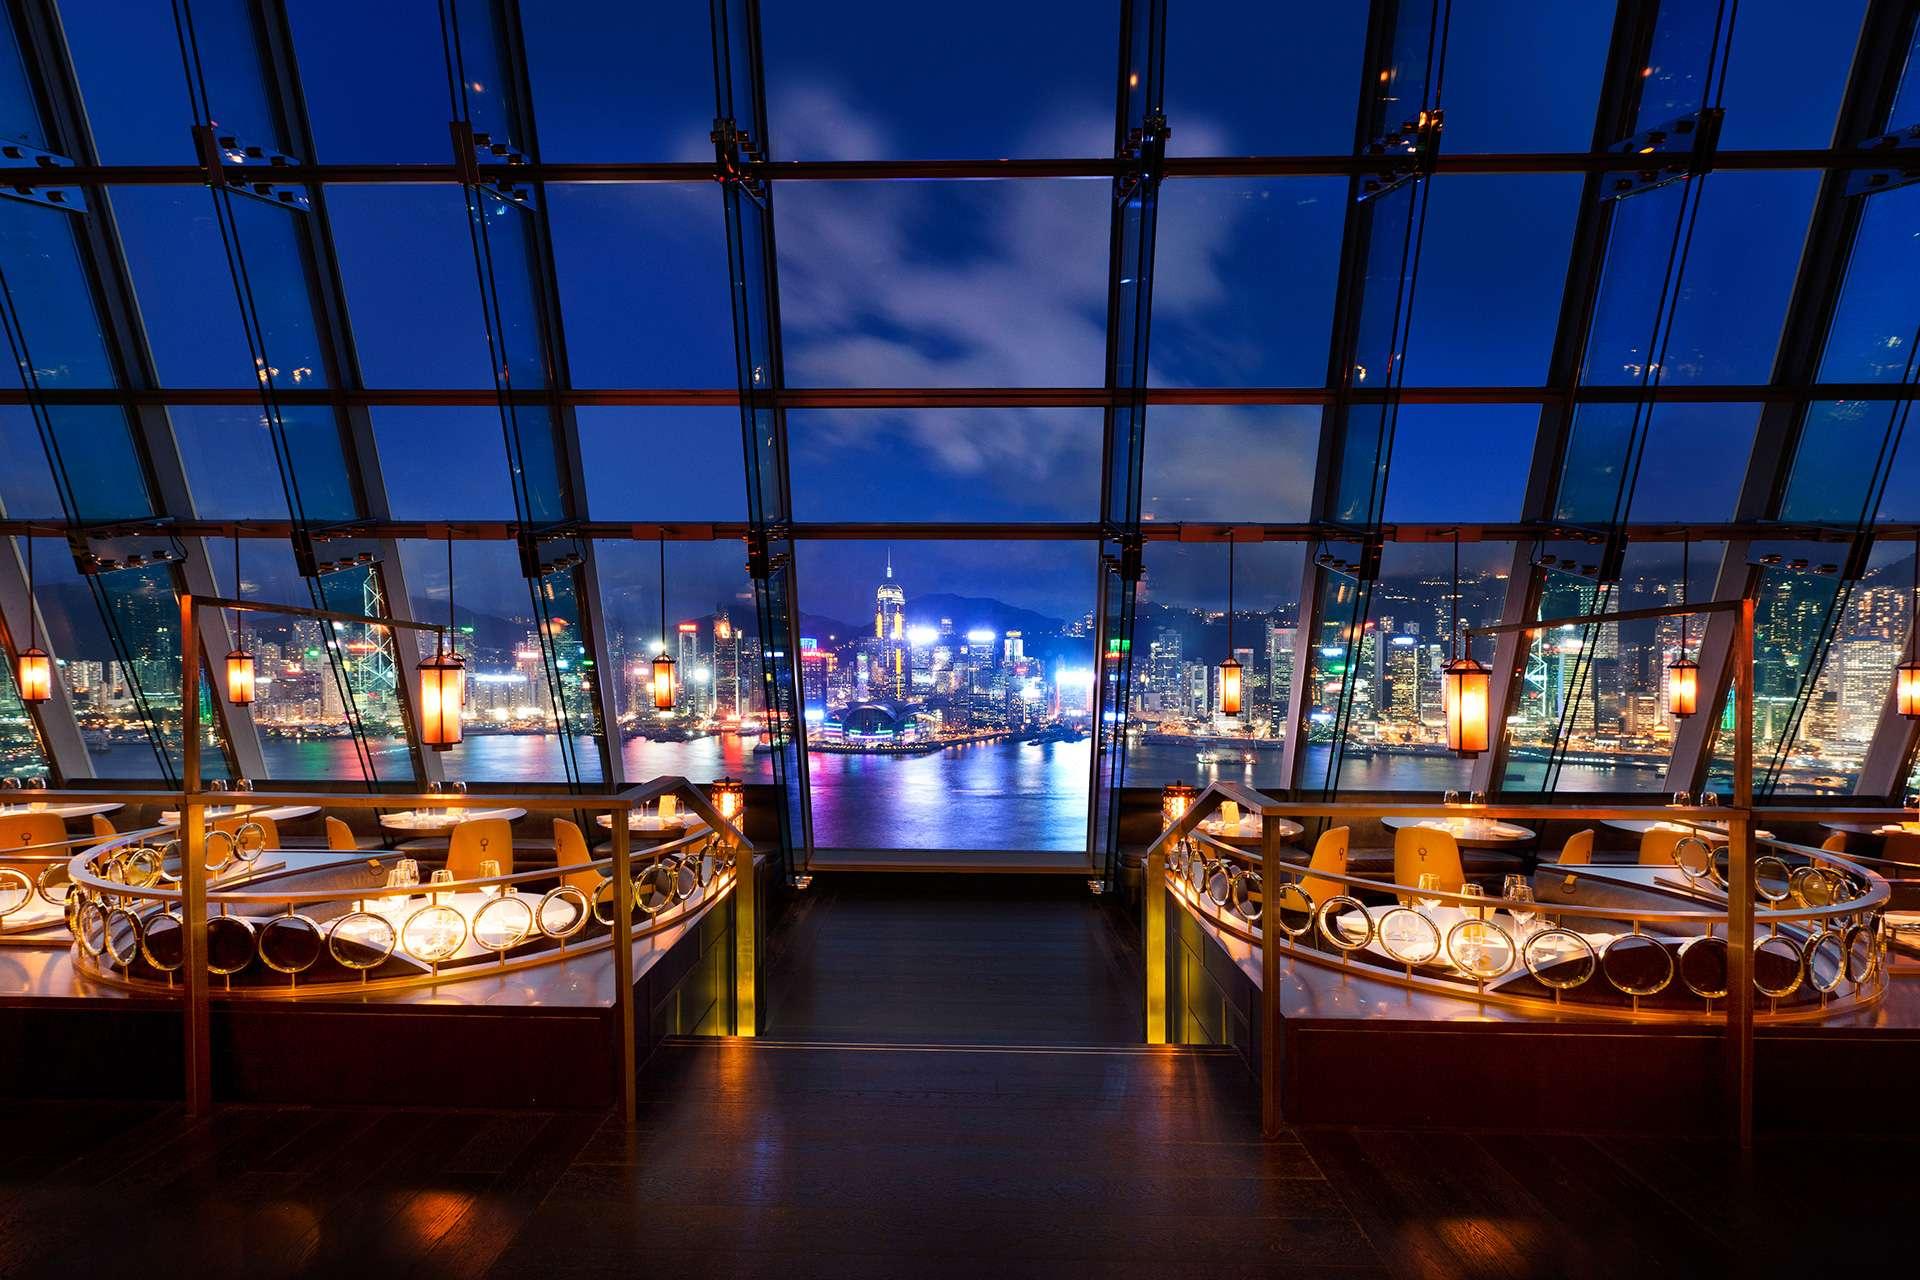 【生日、拍拖、慶祝周年紀念日】情調行先!令約會加分的特色餐廳推介 坐落於尖沙嘴北京道一號頂層29及30樓的Aqua曾被《亞洲時代雜誌》選為全球最佳夜景餐廳之一,景觀之佳毋庸置疑。